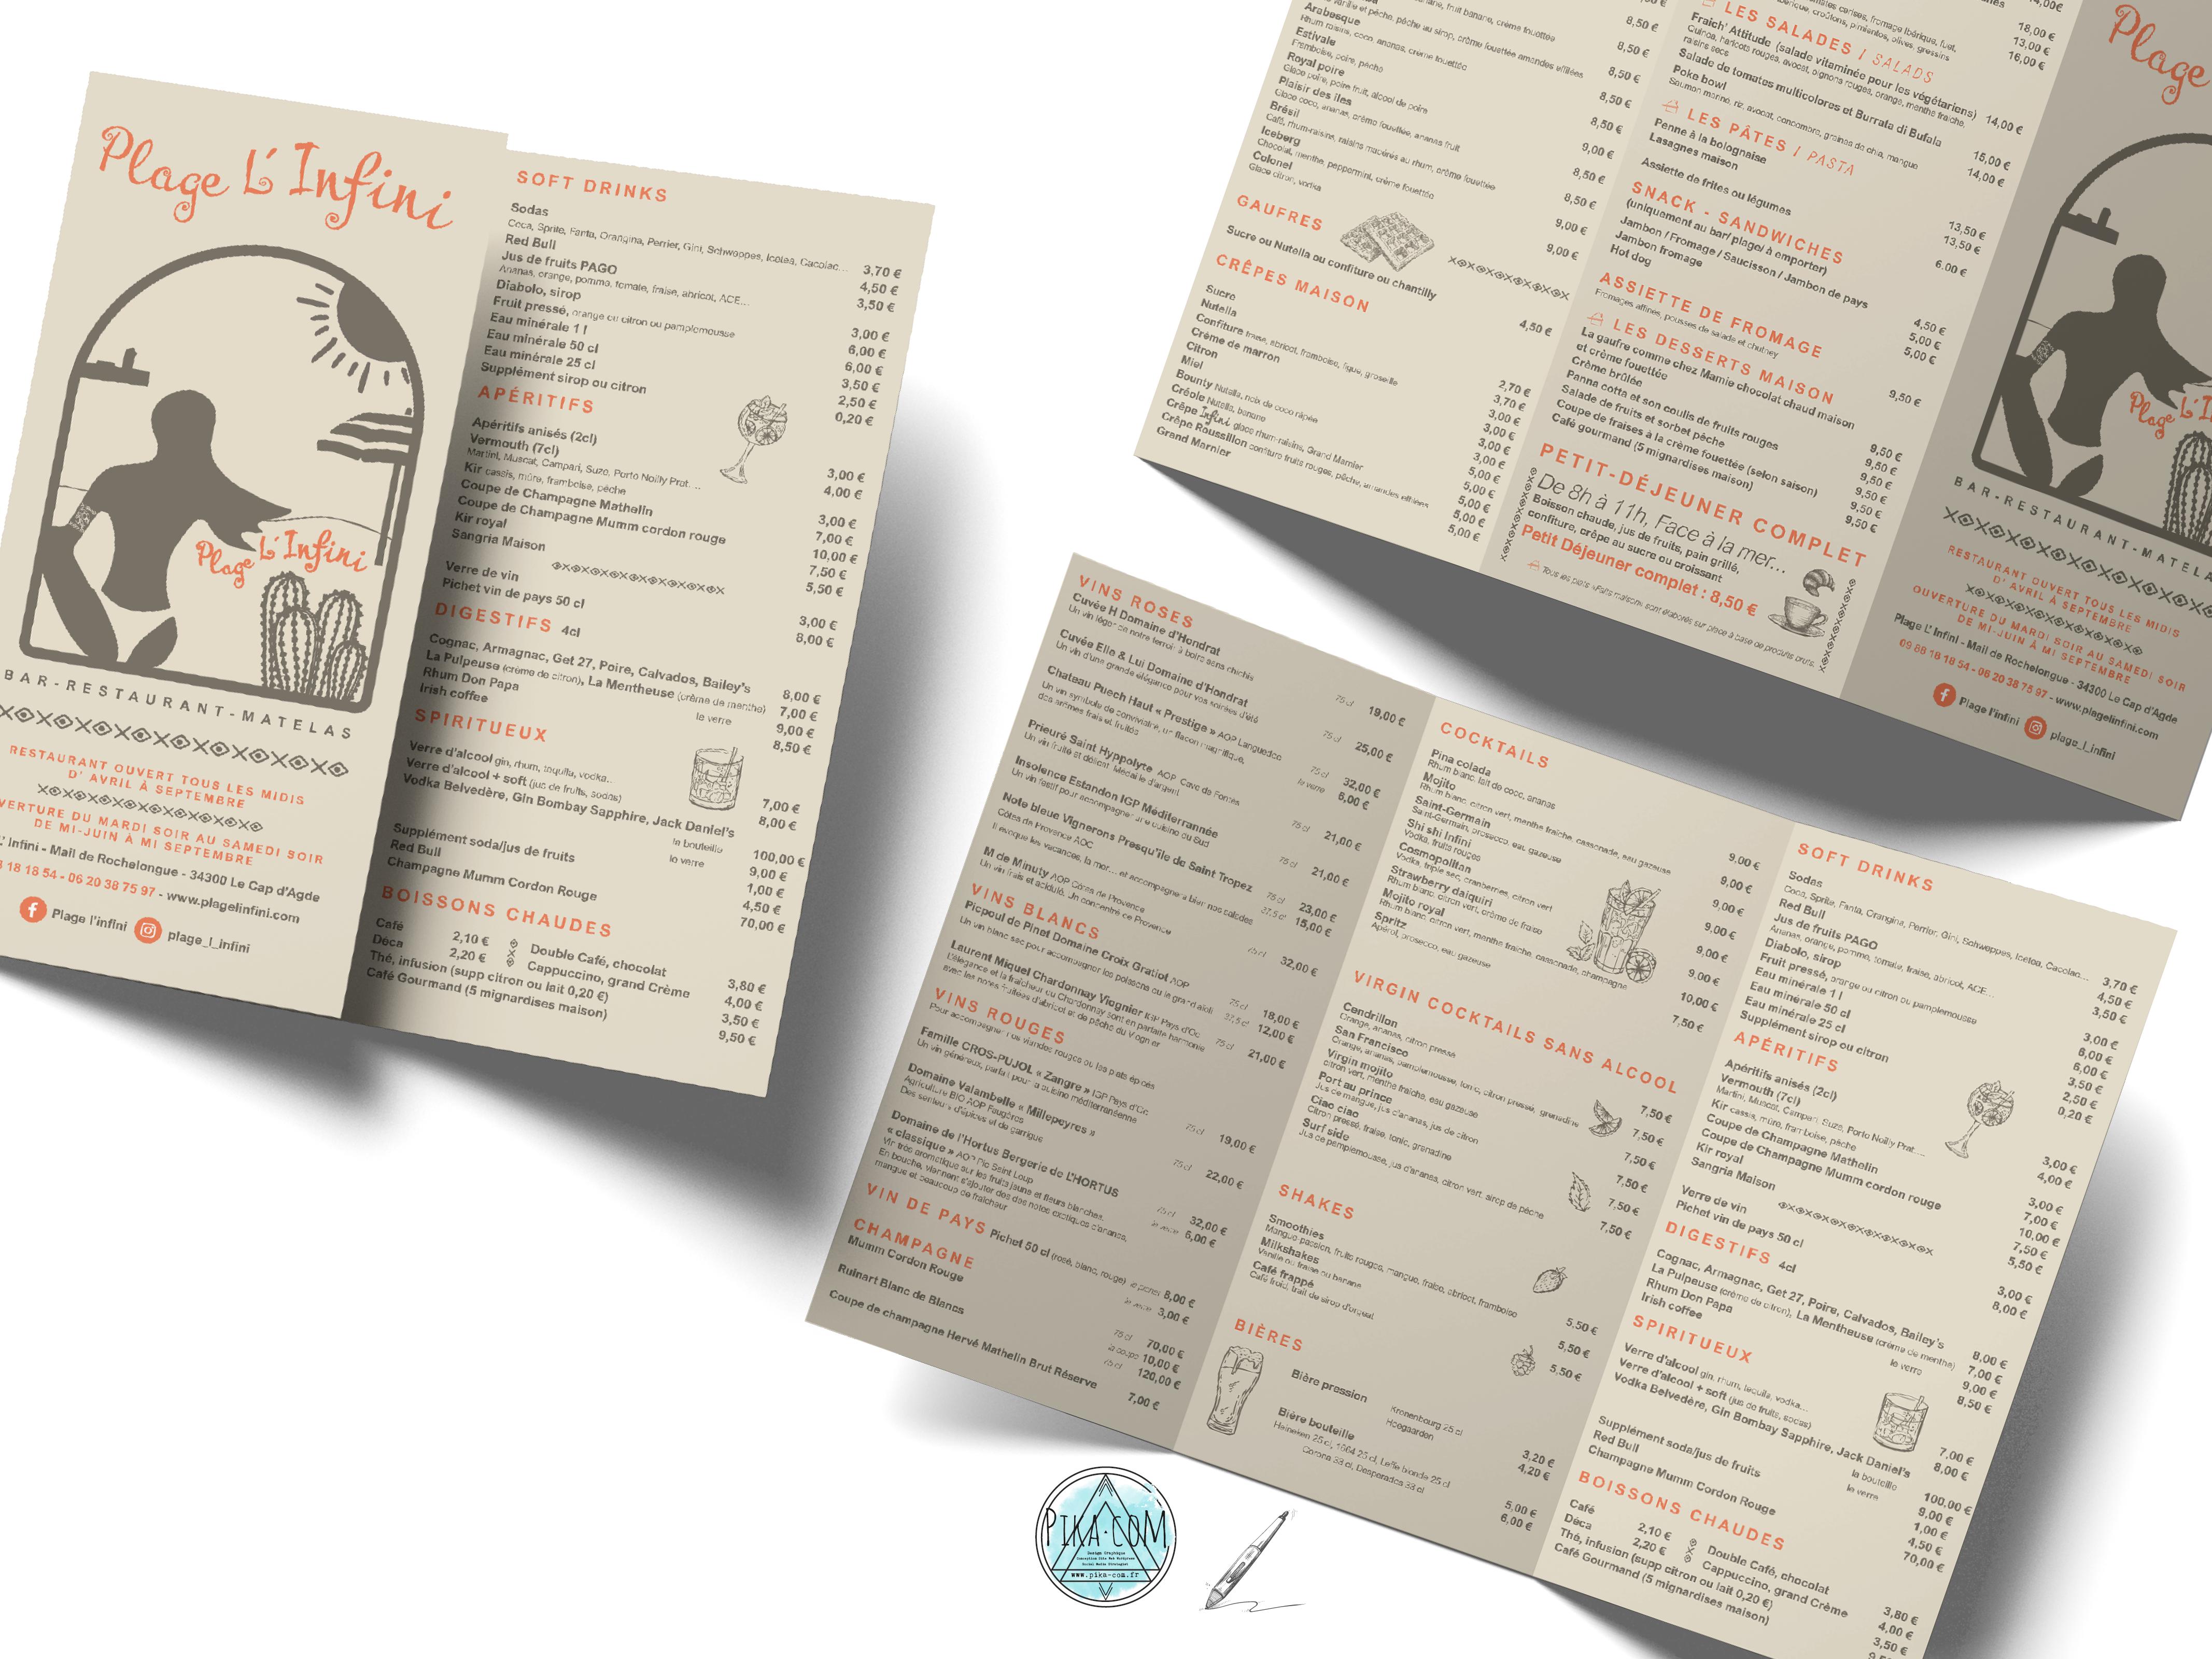 pika-com - agde - menu restaurant